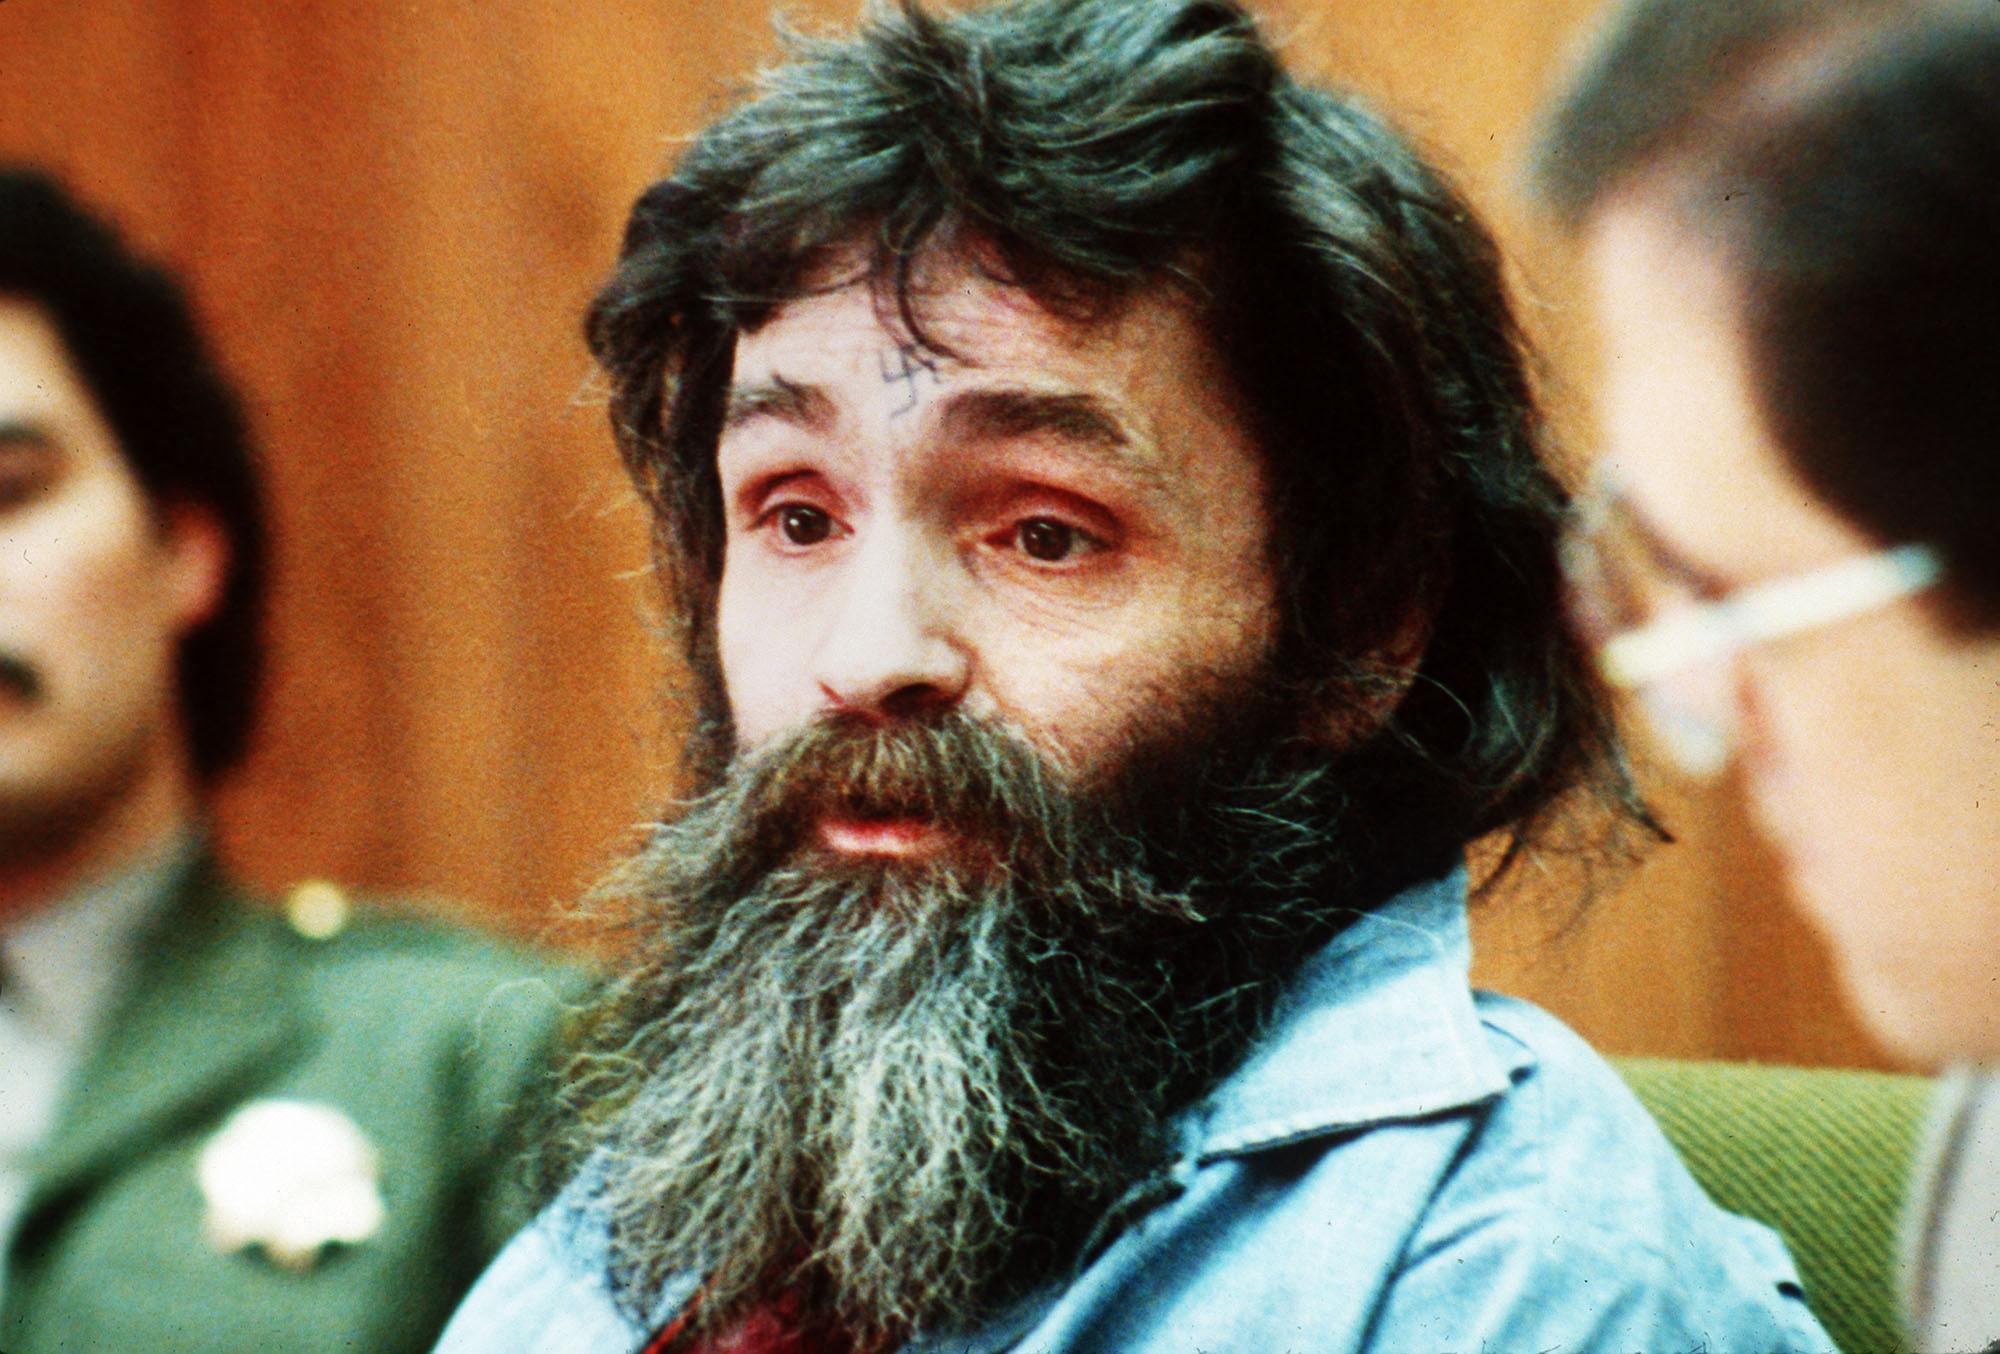 Umro ubojica Charles Manson